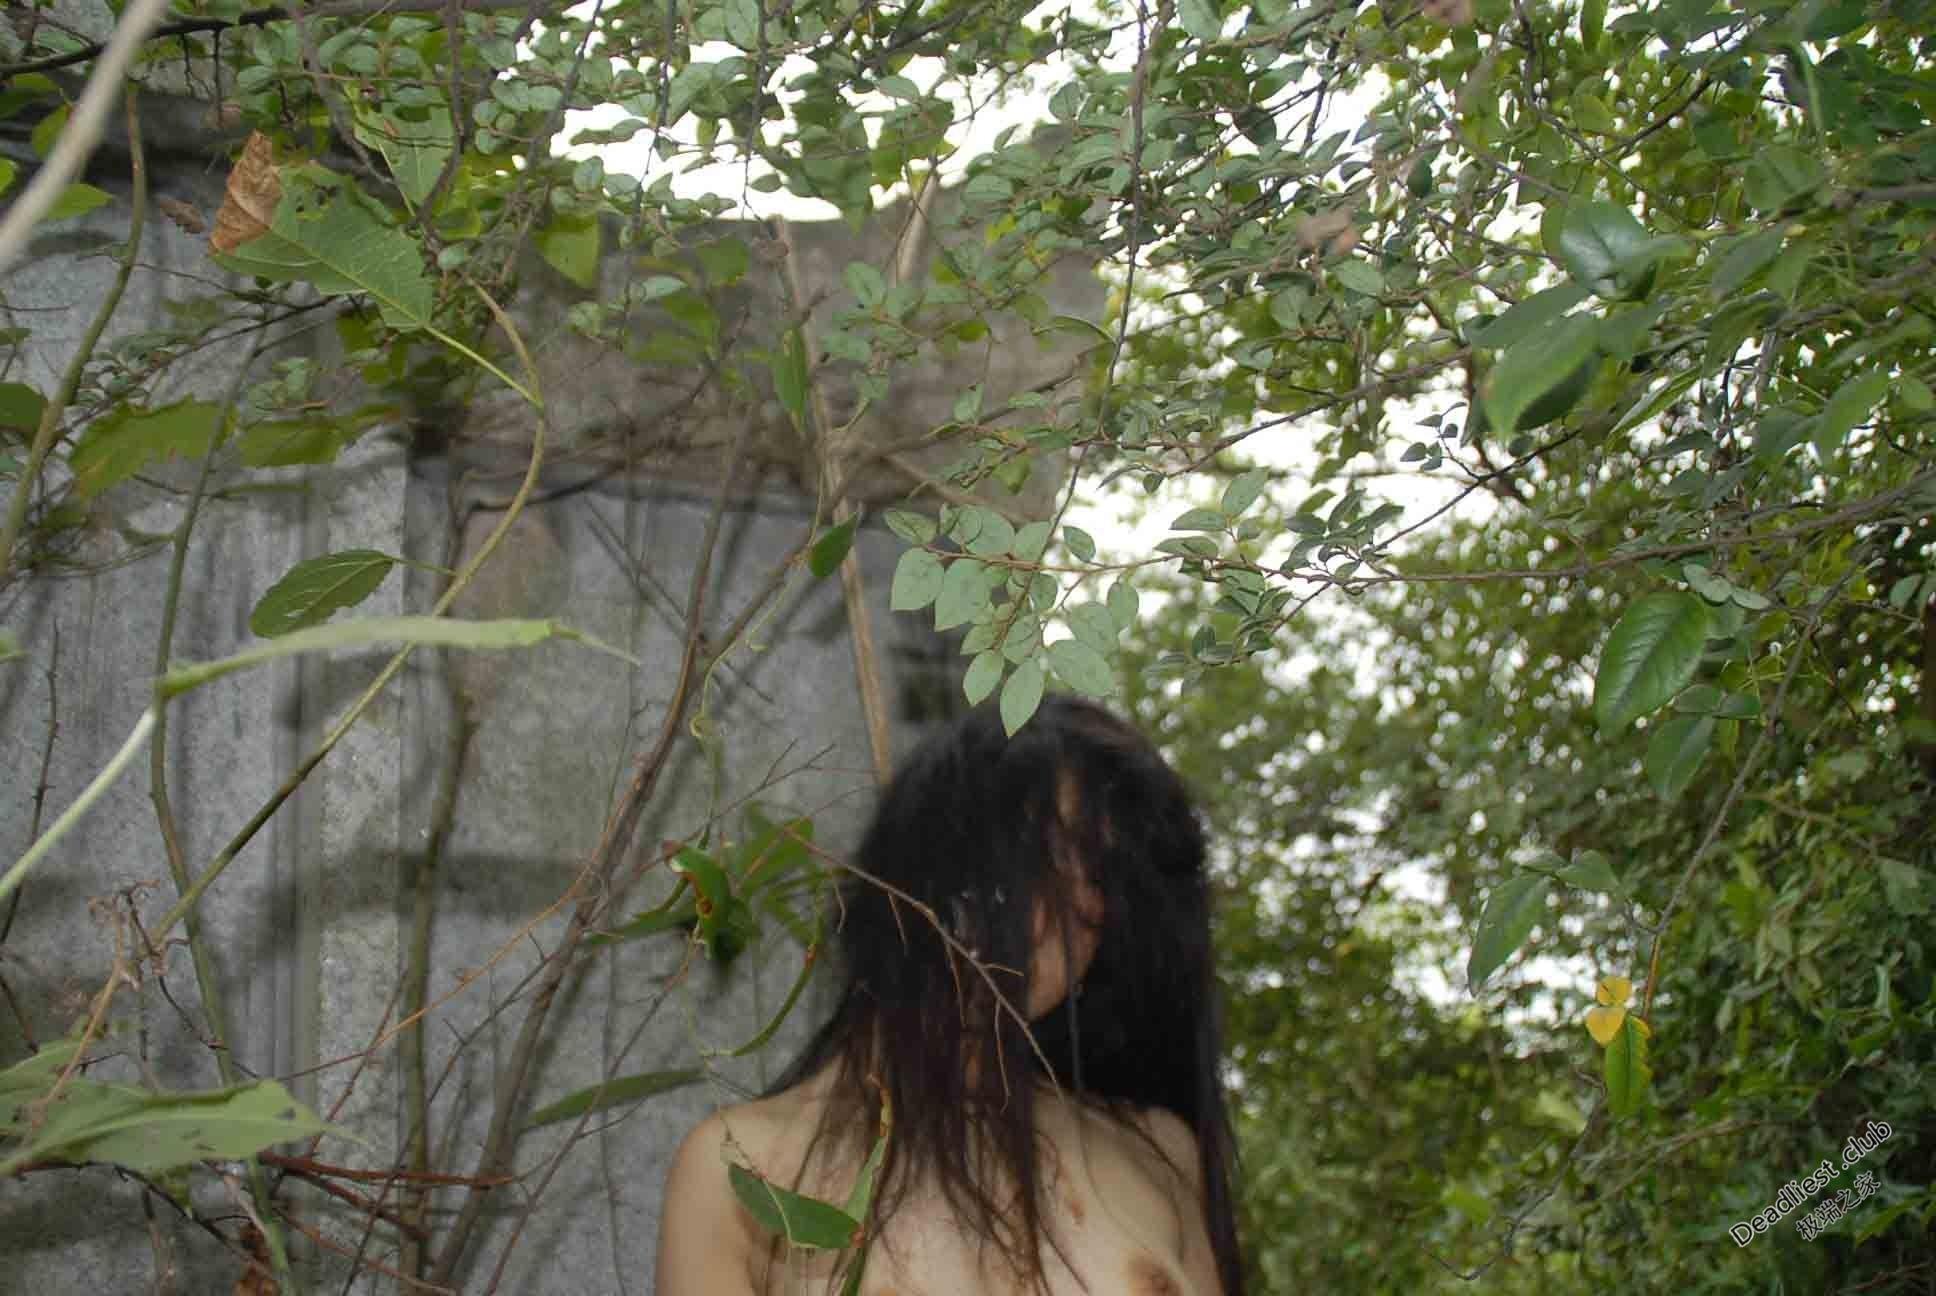 【遺体注意】詳細不明 中国の墓地で発見された若い女性の遺体、レイプ?自殺?(画像)・1枚目